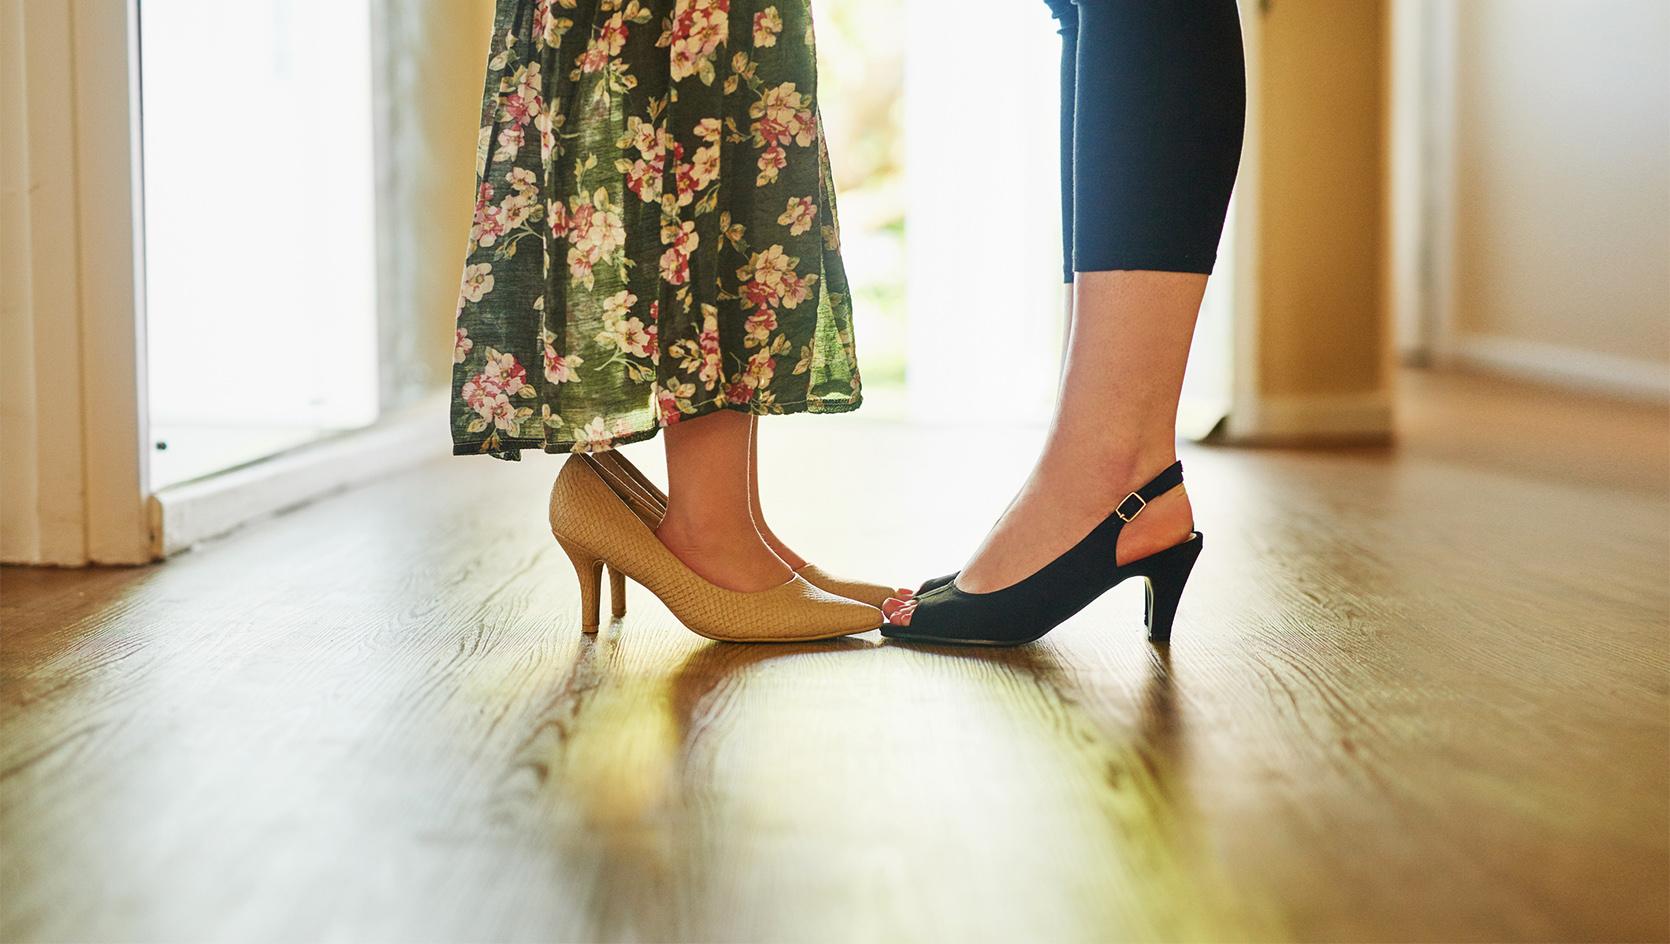 Chcę mieć buty na obcasach – czyli o tym, jakie buty na obcasie dla dziewczynki będą najlepsze?